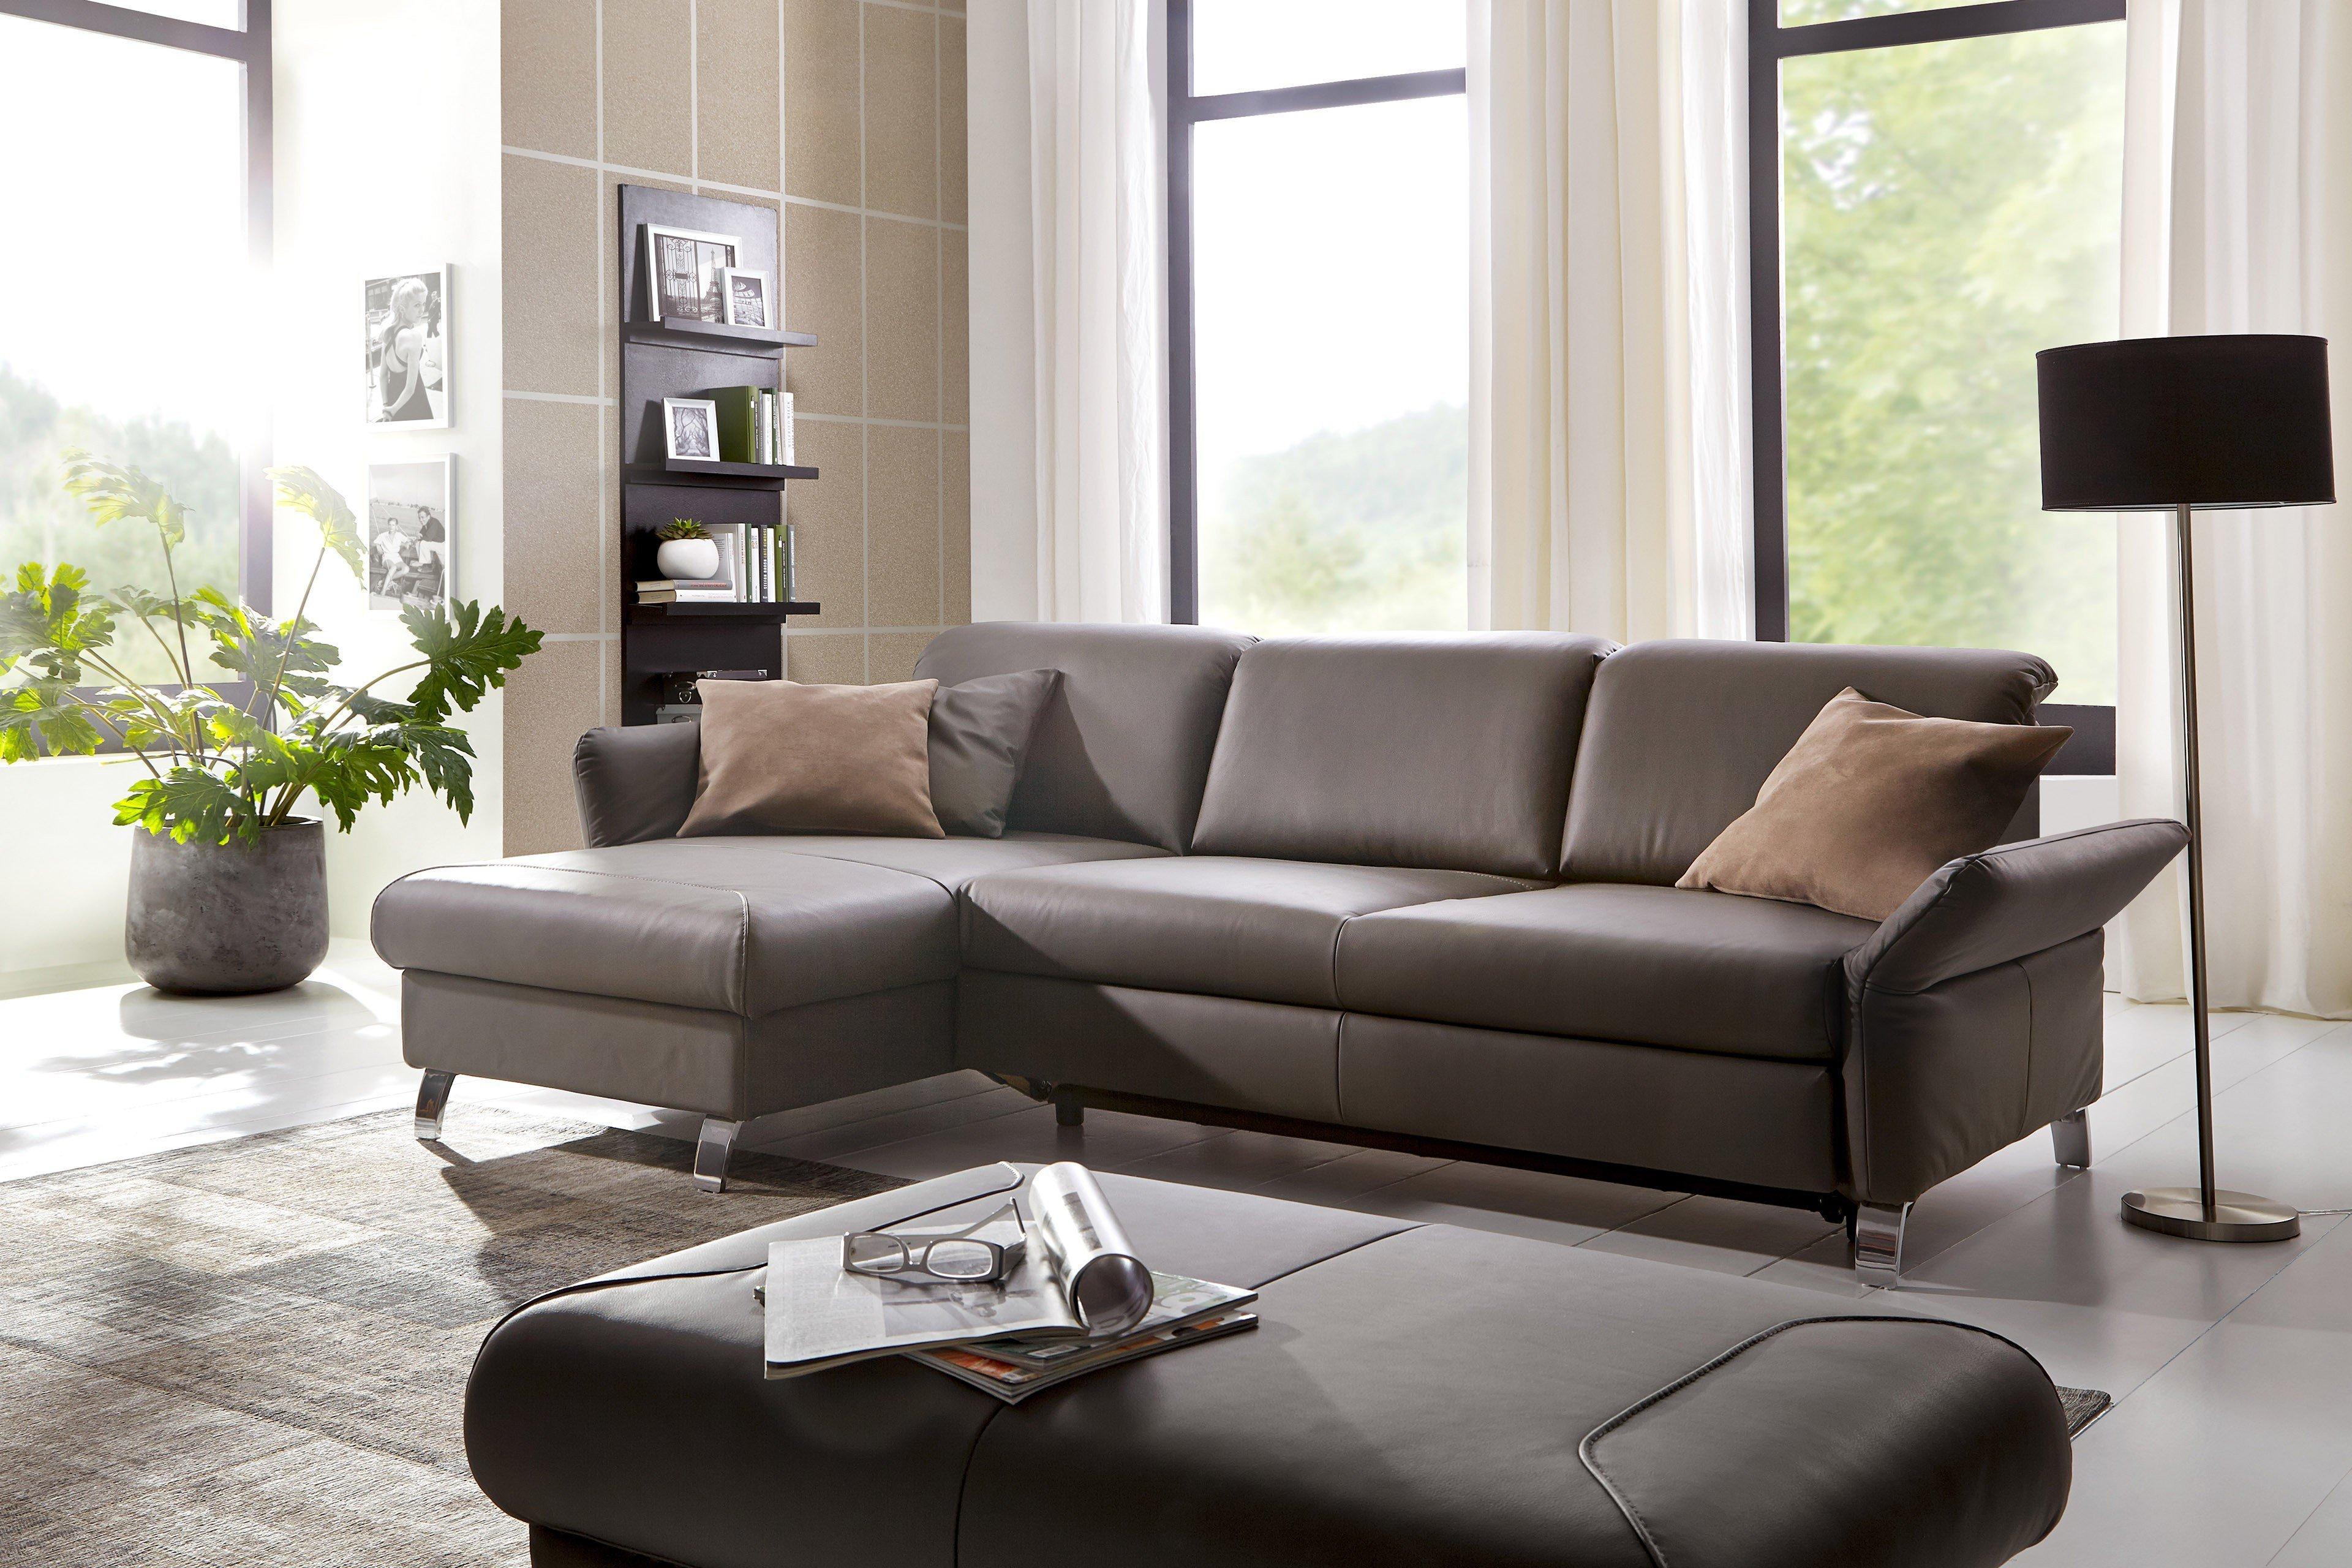 polsterm bel leder f rben neuesten design kollektionen f r die familien. Black Bedroom Furniture Sets. Home Design Ideas